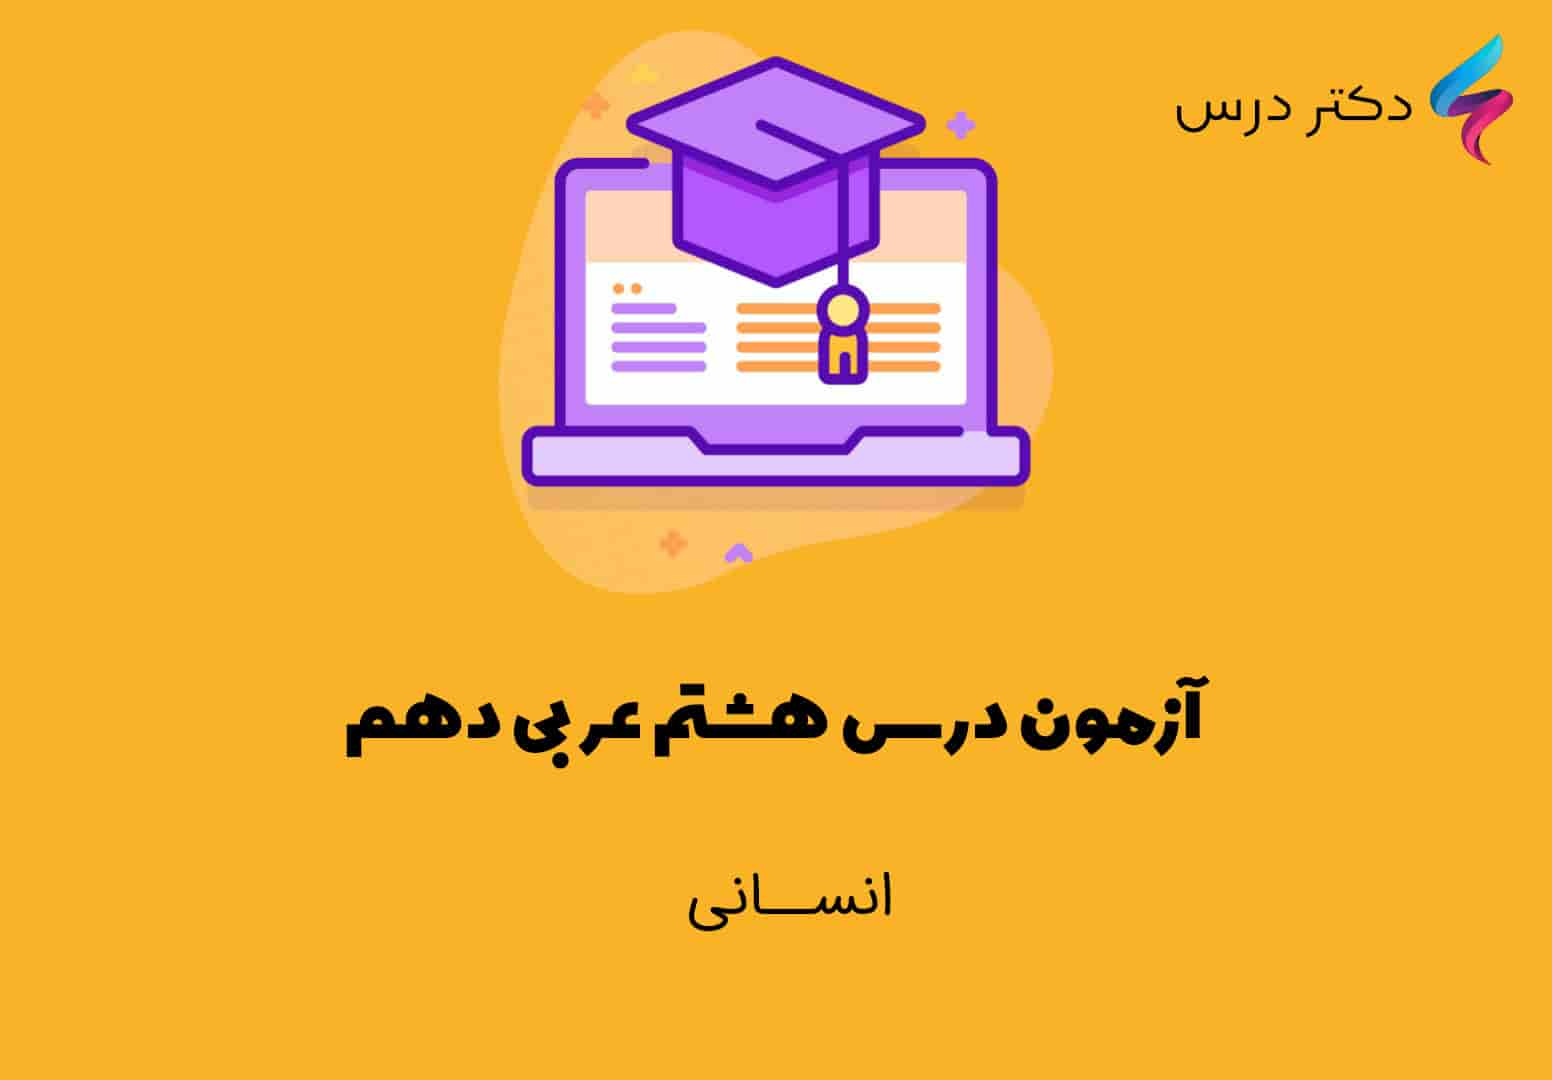 آزمون درس هشتم عربی هم انسانی